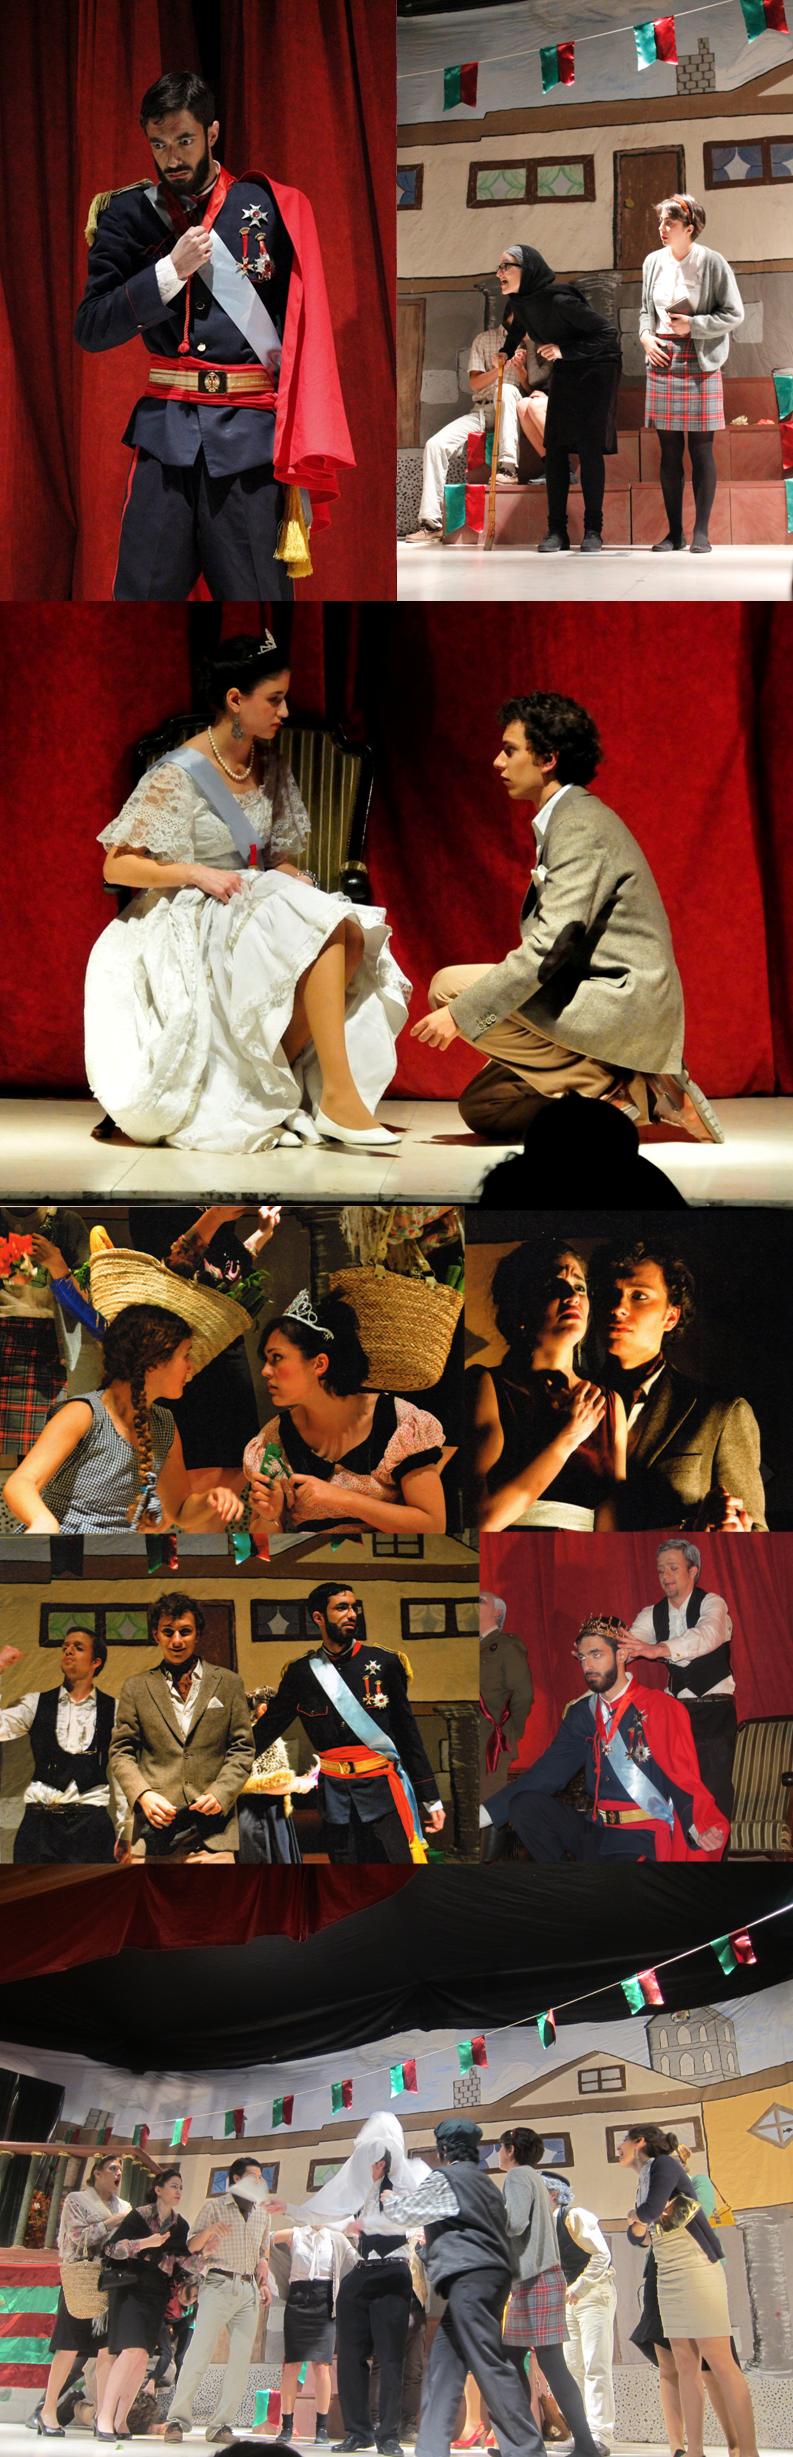 el-sol-en-el-hormiguero-nodamoscredito-NDC-teatro-foto-obra_001